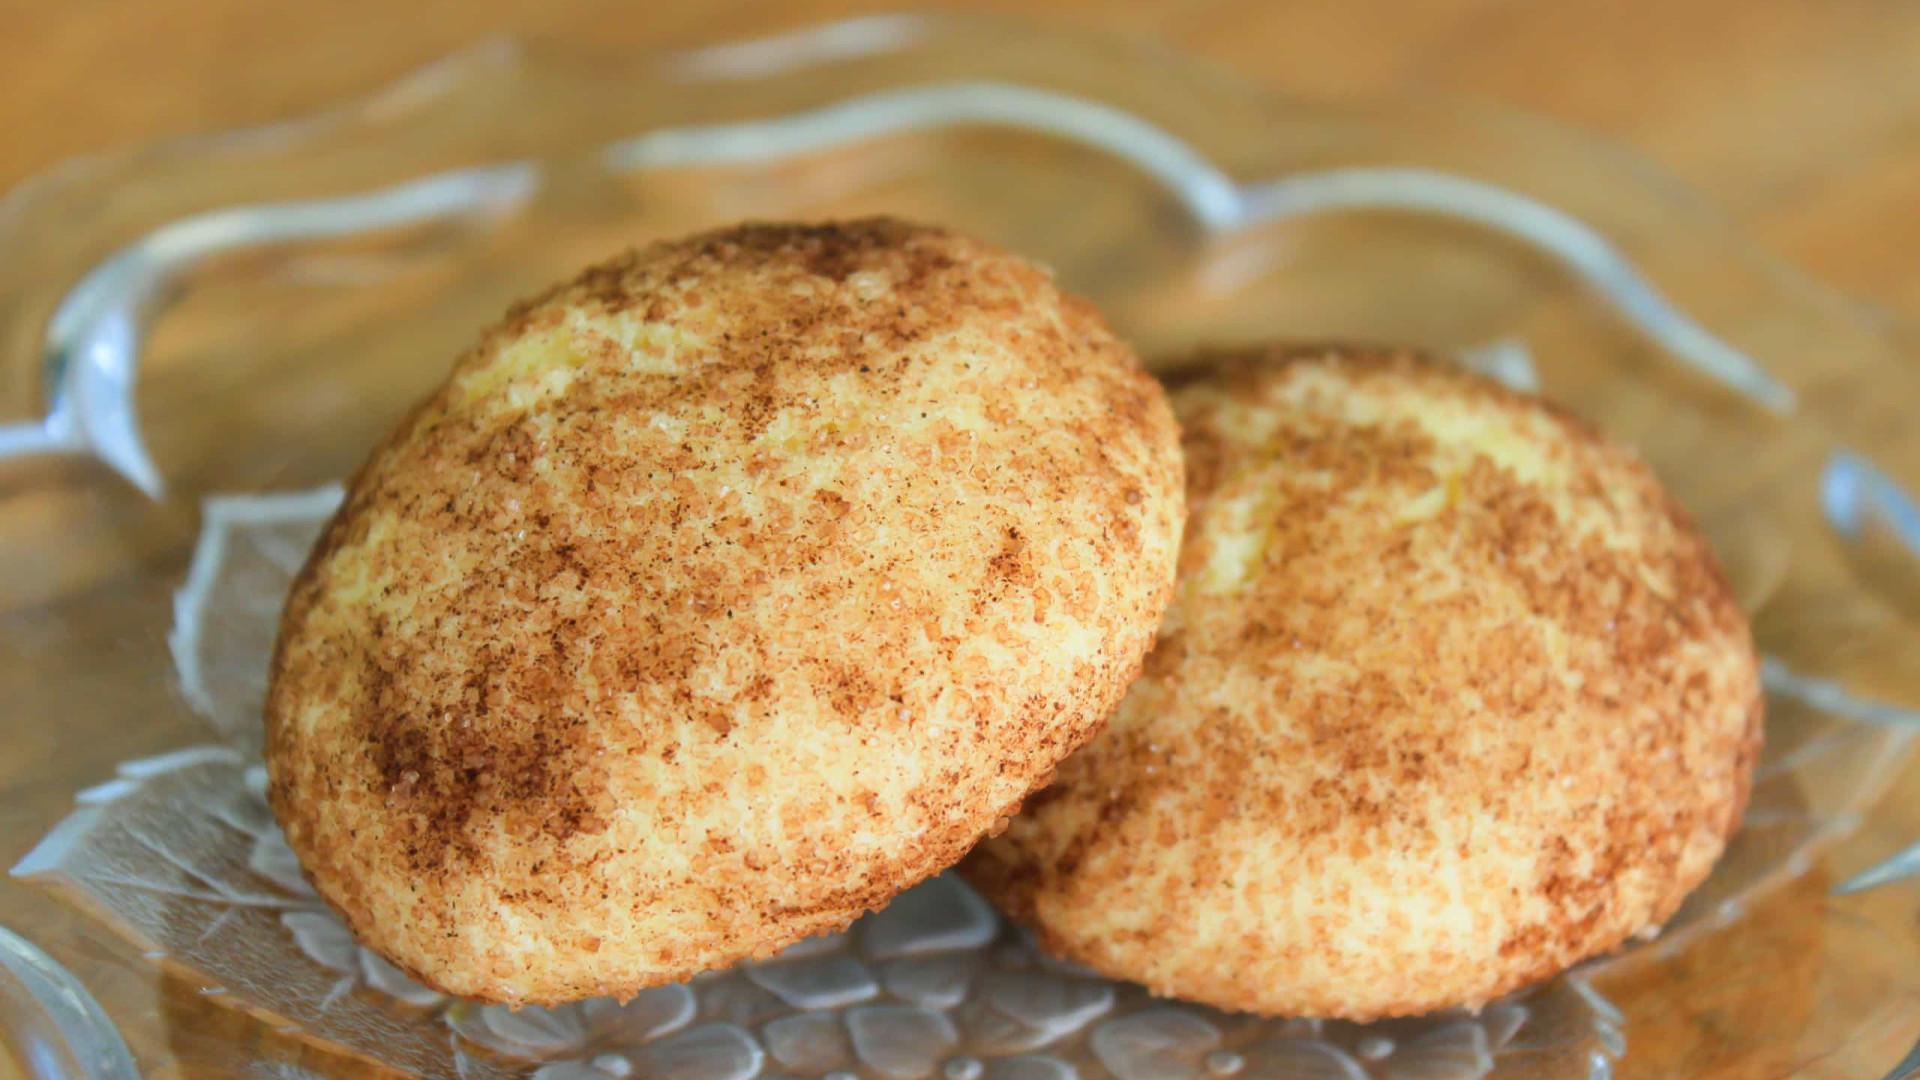 E que tal uns cookies de canela para o lanche? Receita fácil e saudável